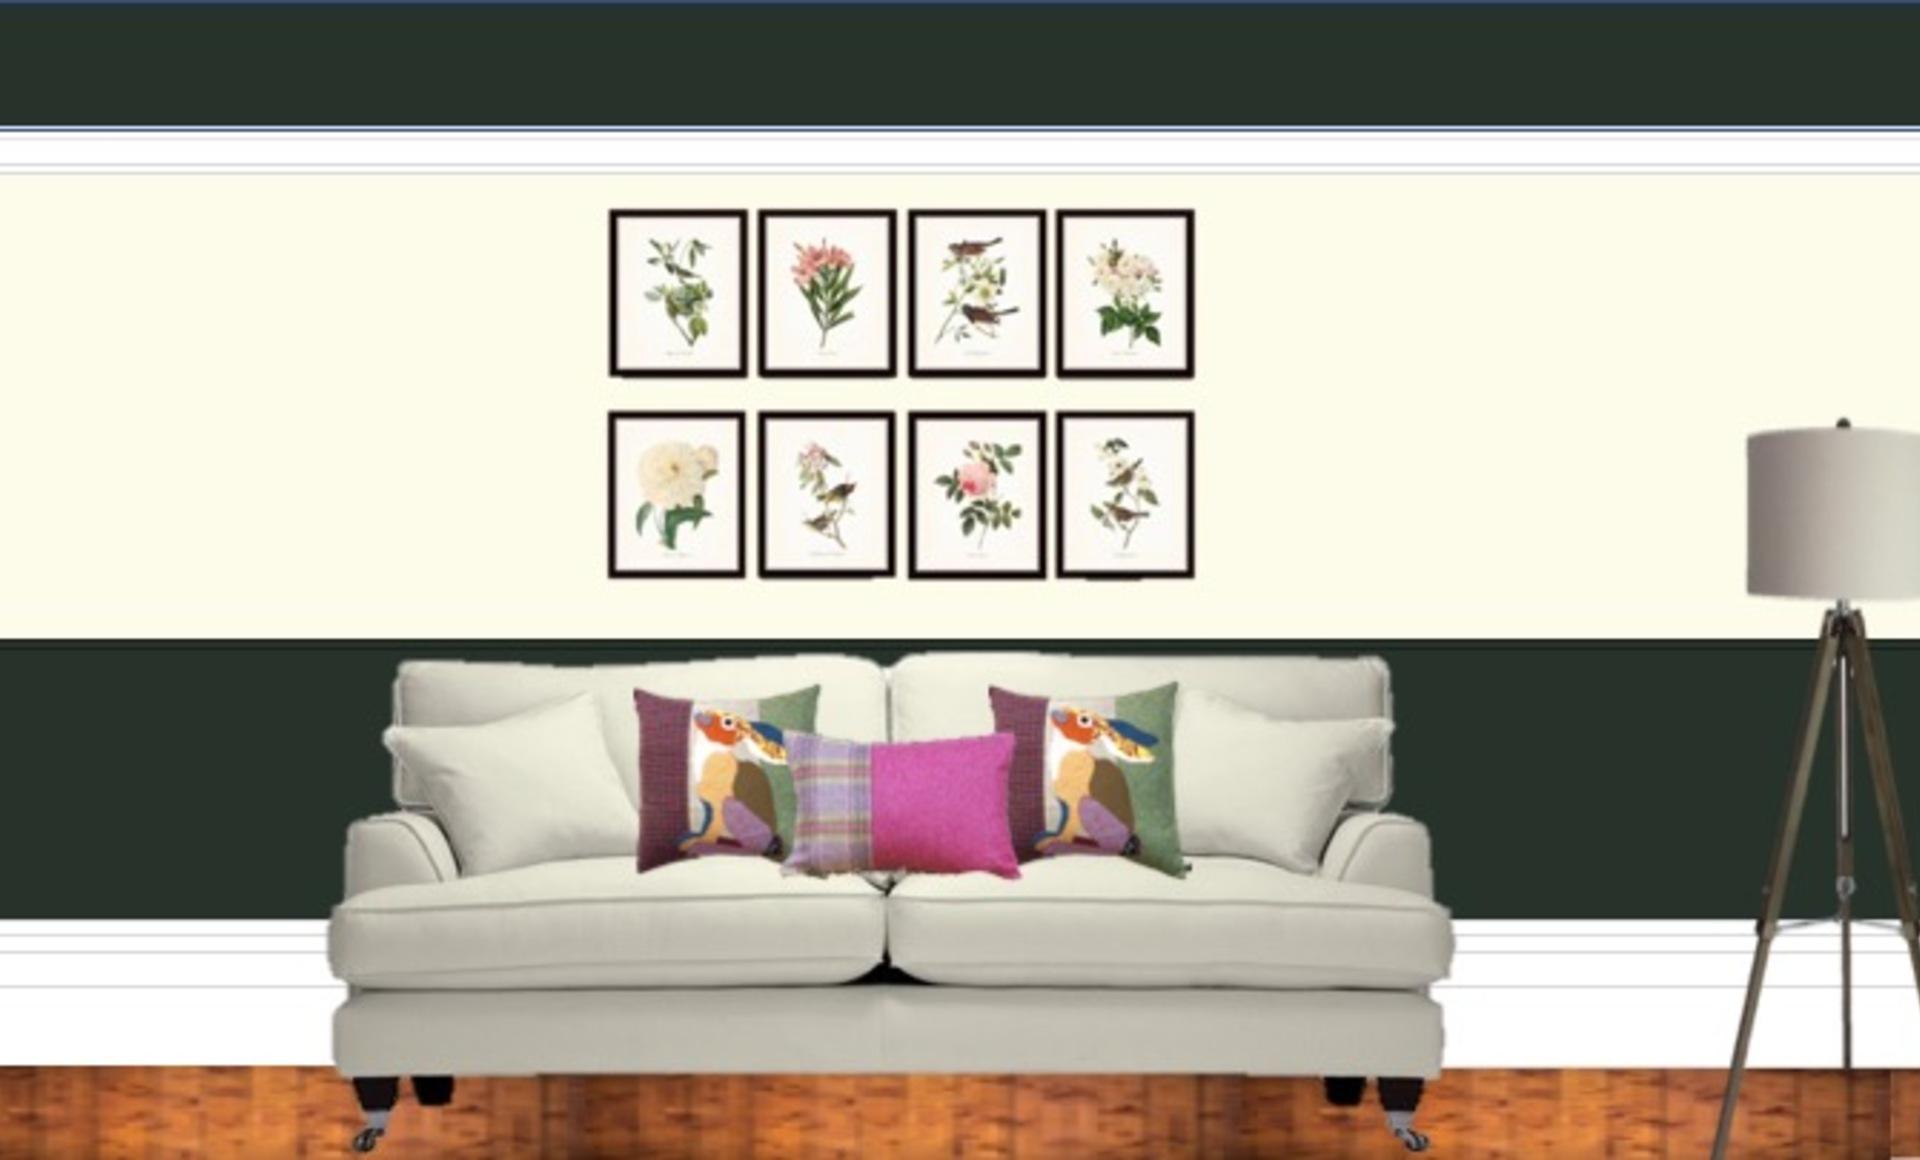 Amelia livingroom feb2019 2delevation1